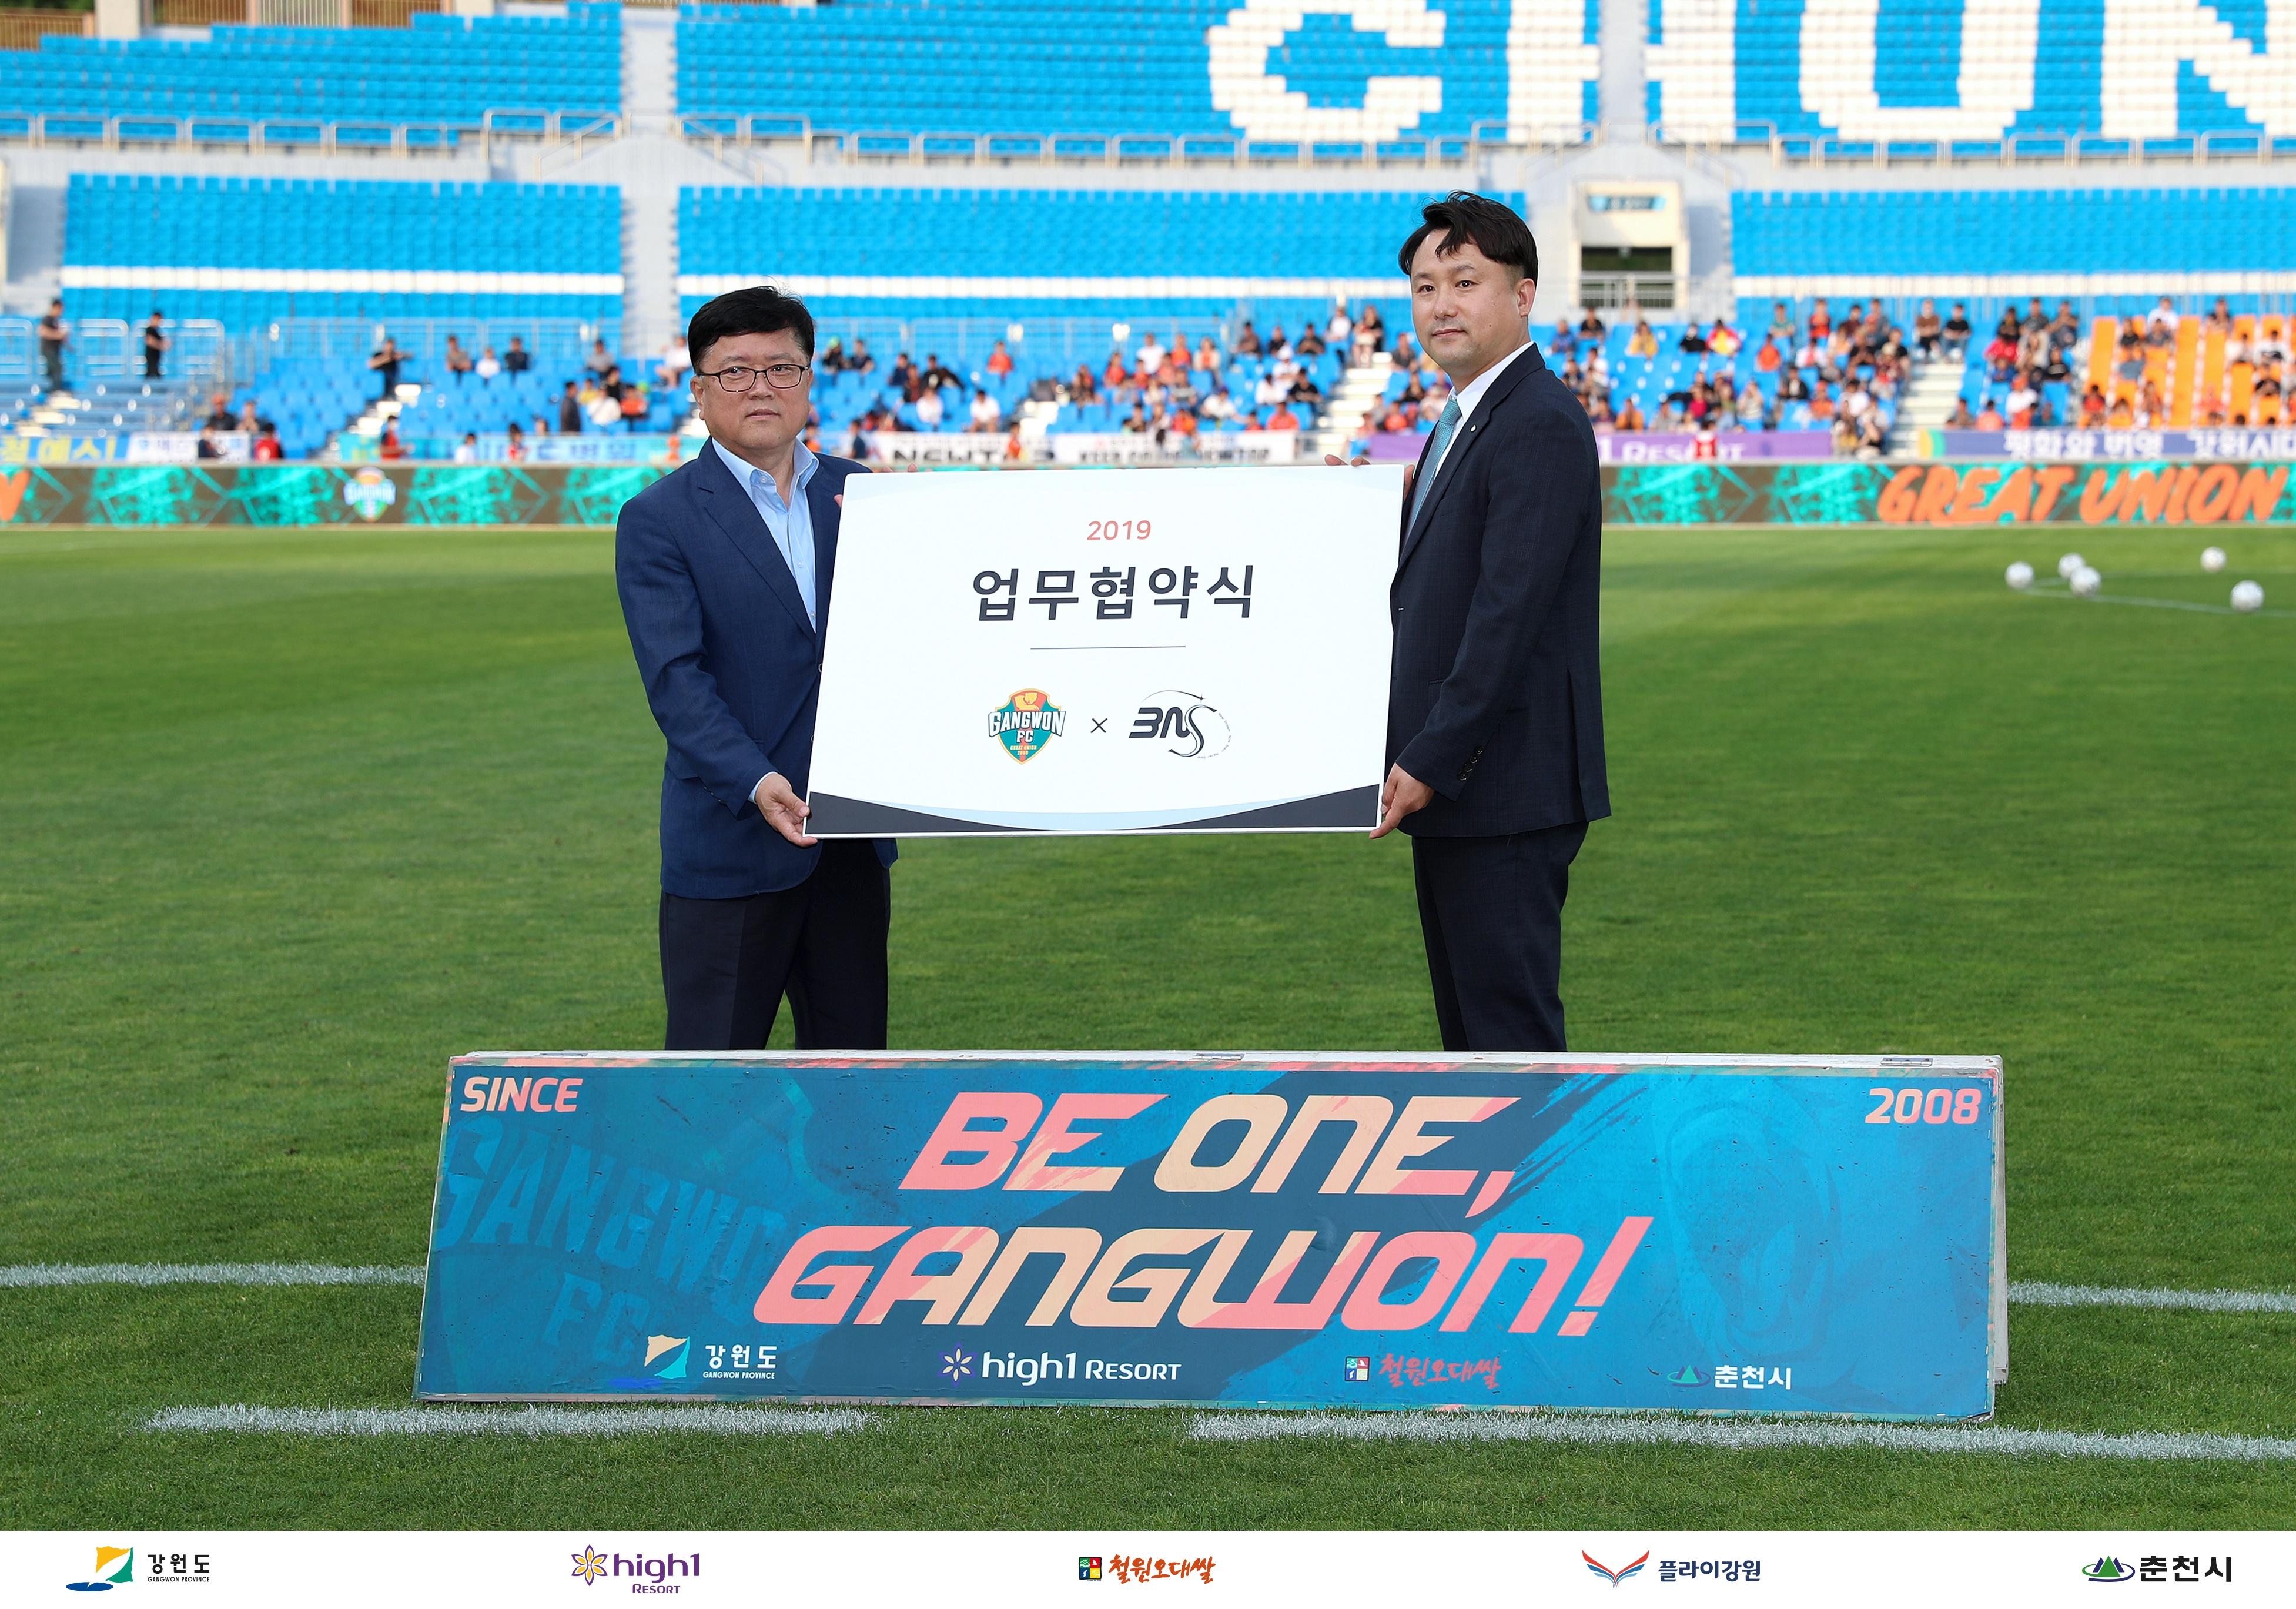 강원FC-주식회사 티에스 업무협약 체결